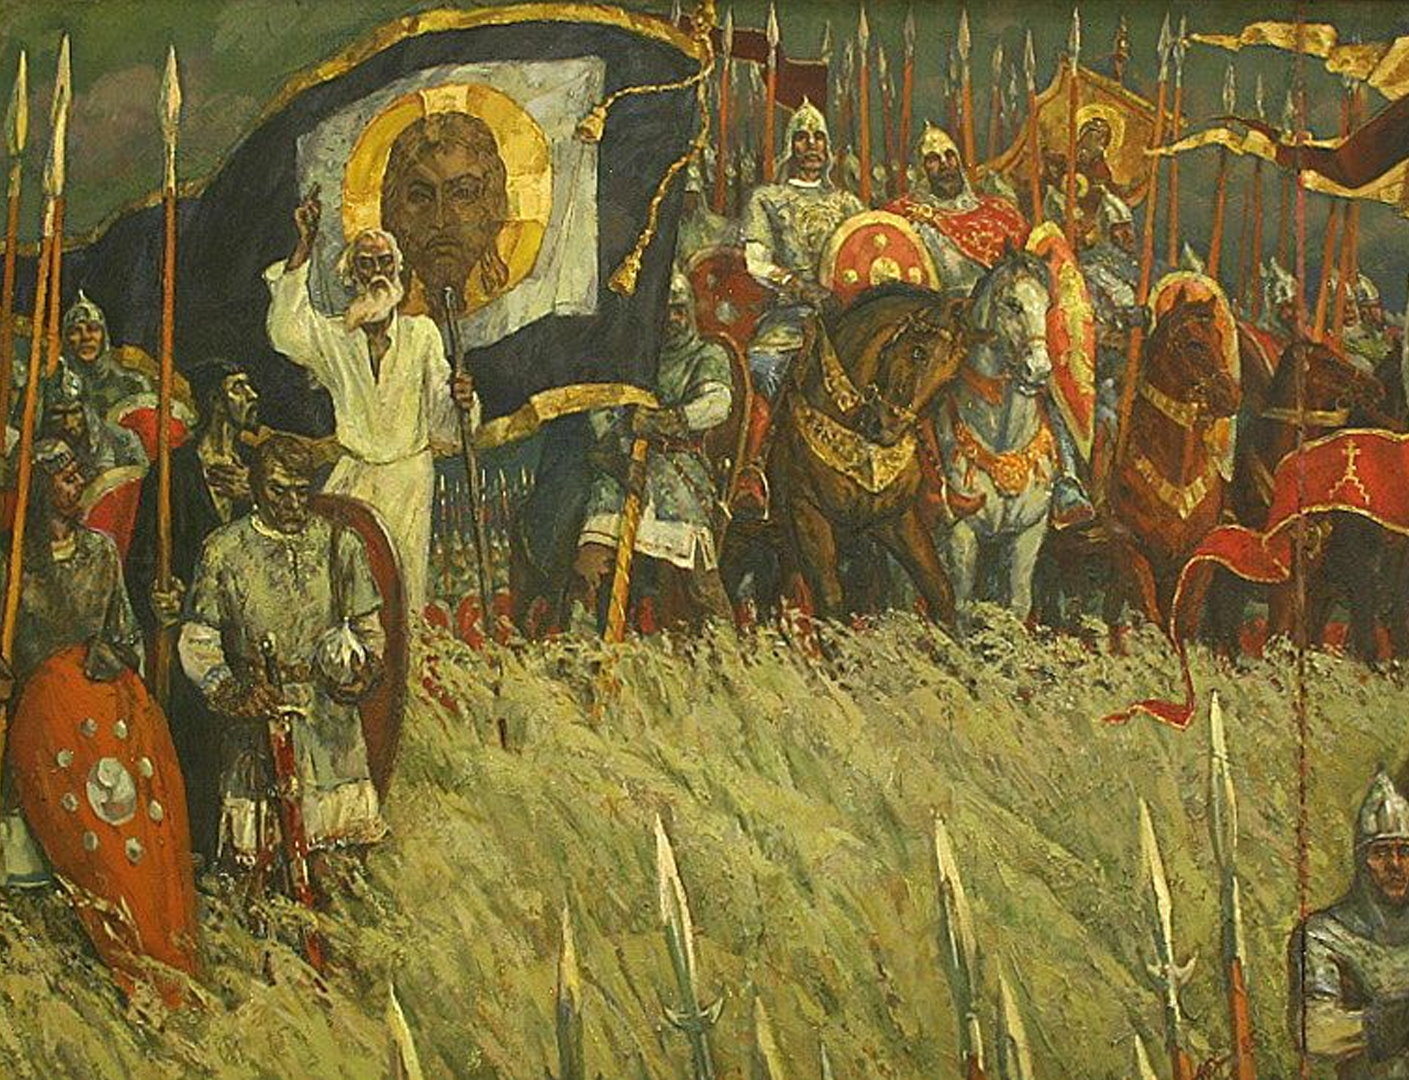 себе, особенно русский воин куликовской битвы картинки так нравится